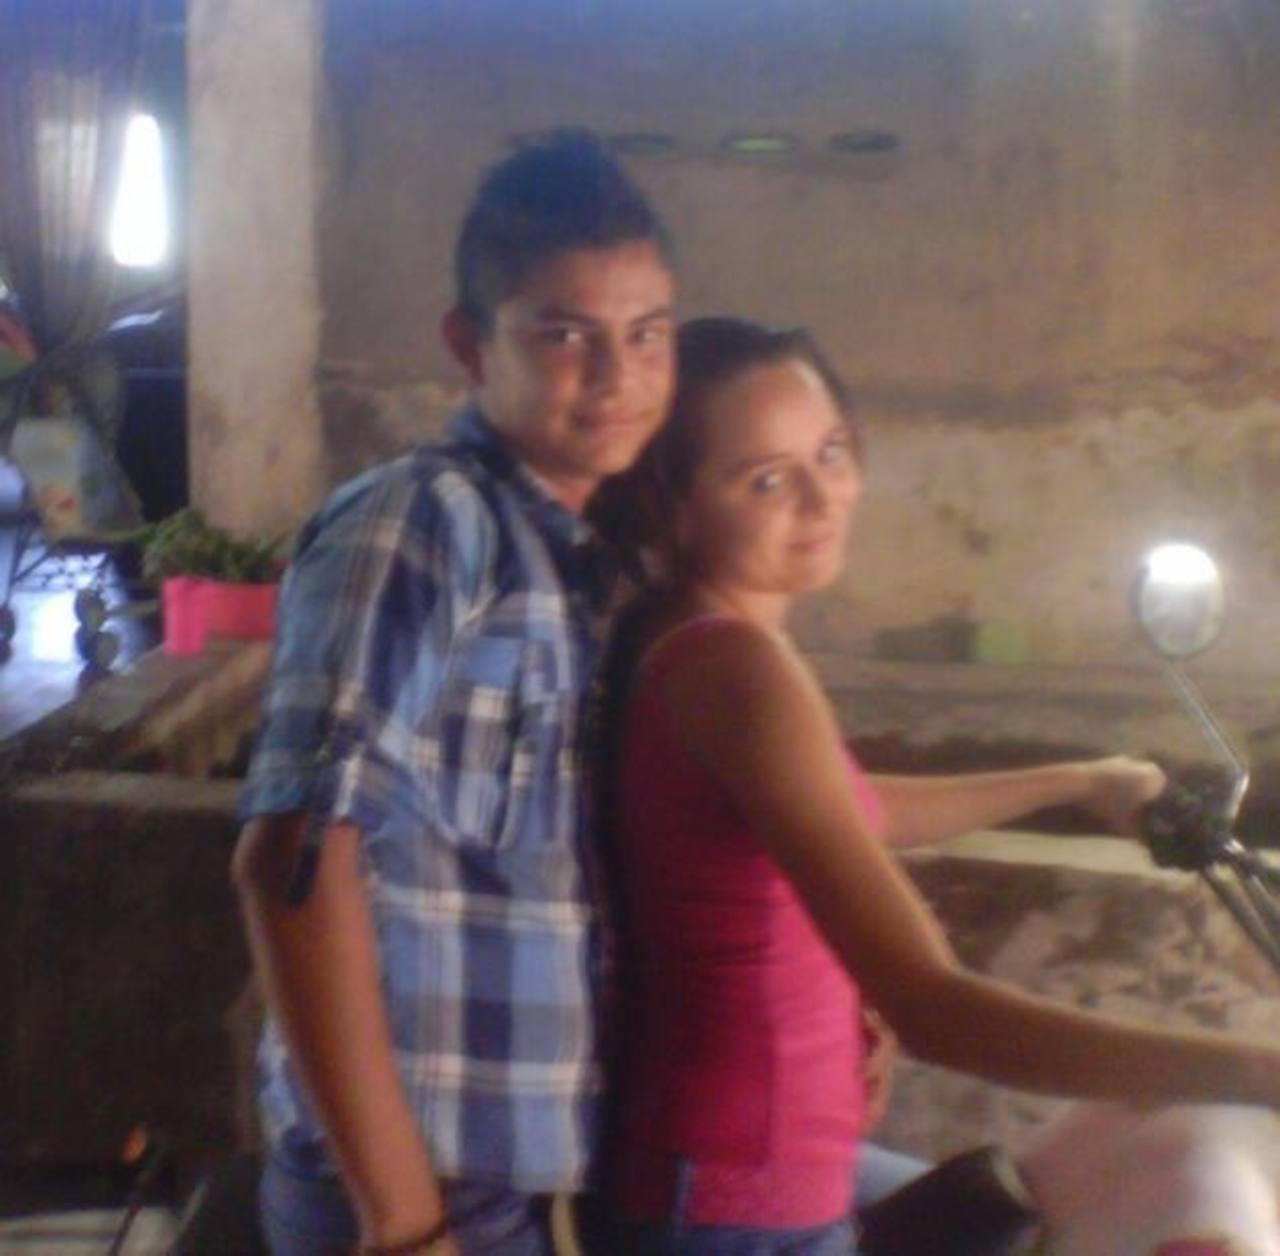 Jésica Esmeralda y Carlos Alexander, de 19 y 18 años, respectivamente, desaparecieron el 24 de noviembre de 2014.